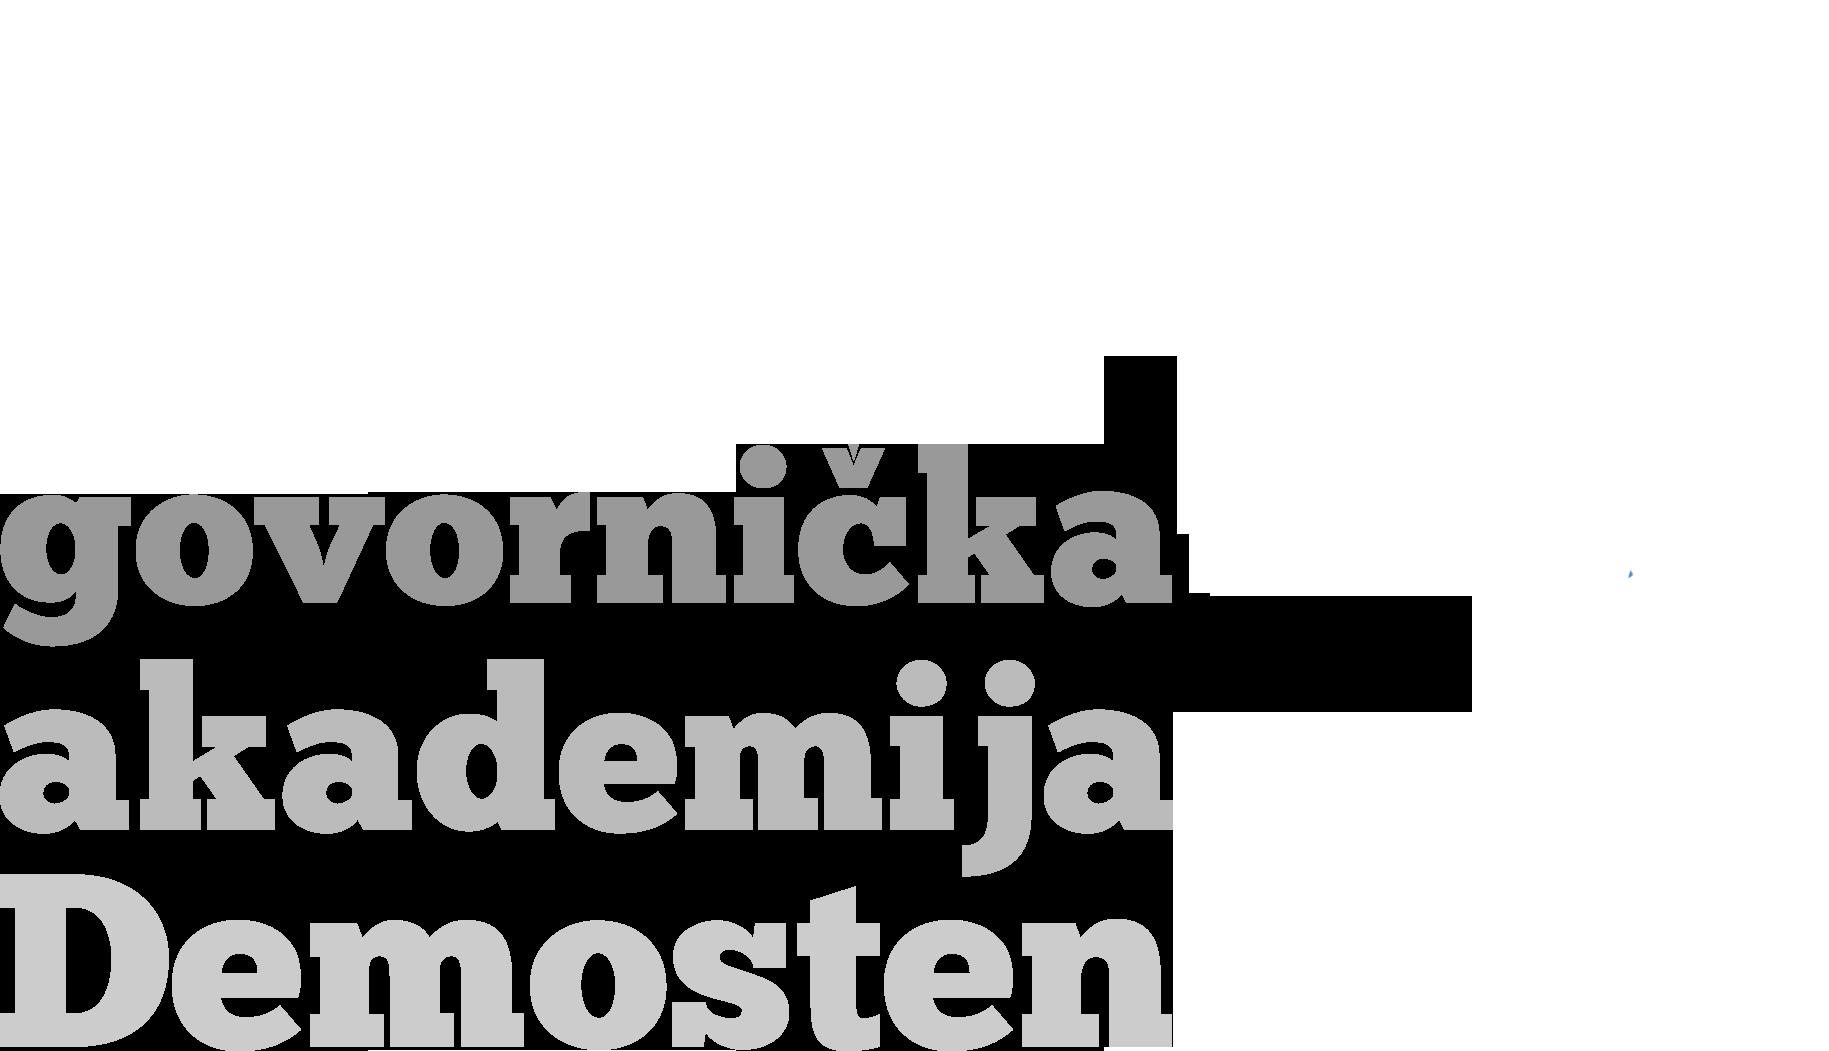 Govornička akademija Demosten